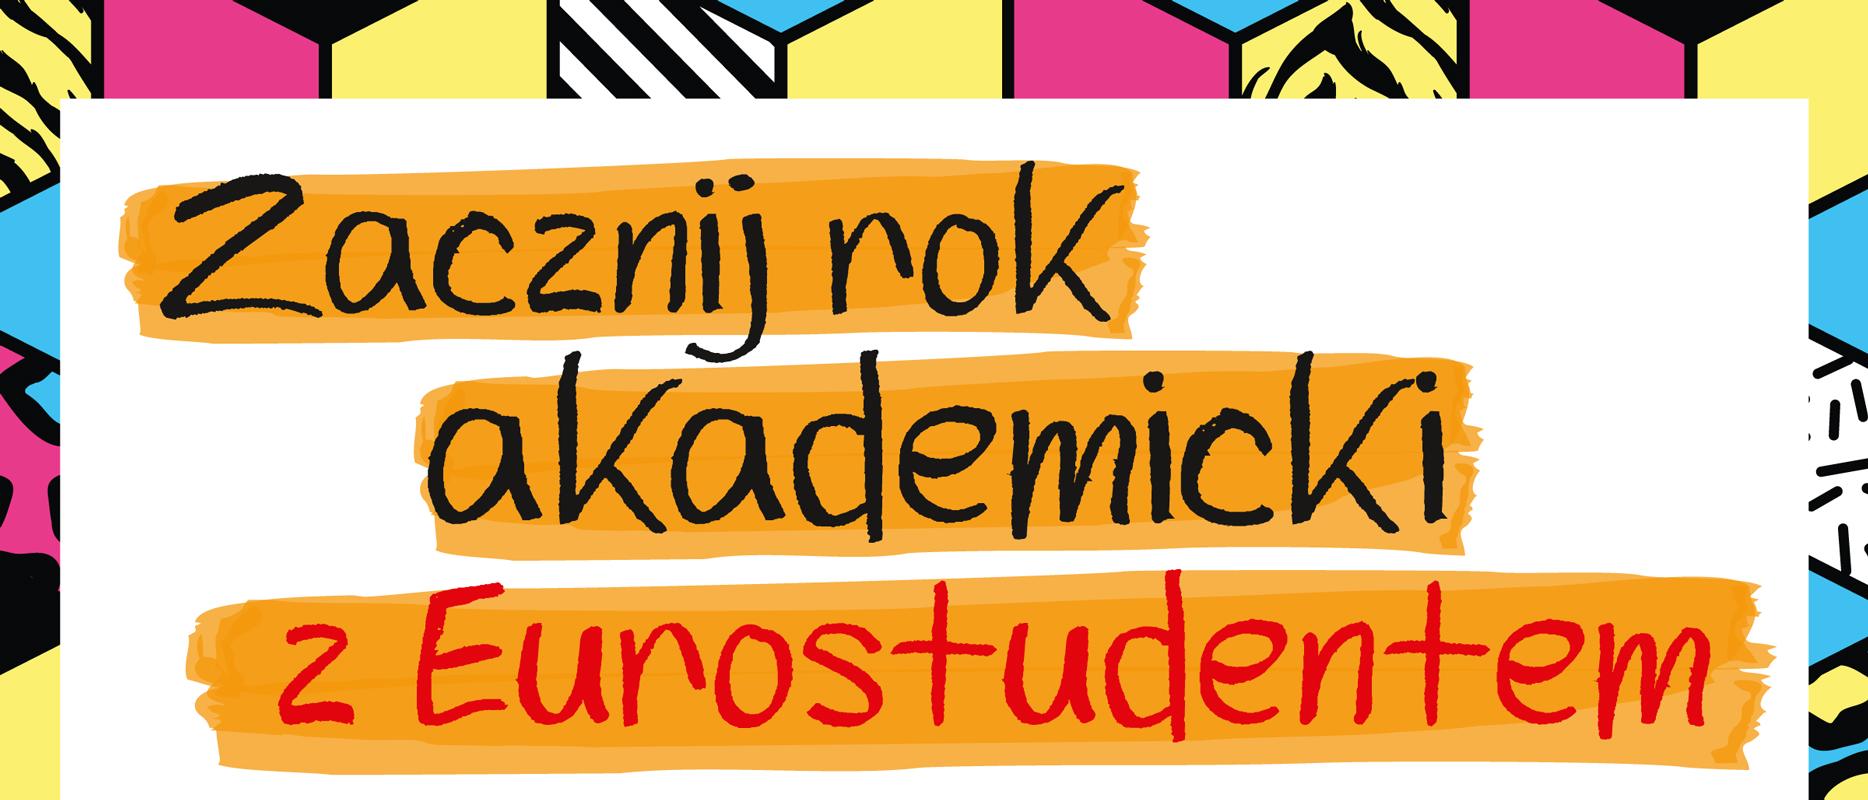 Zacznij rok akademicki z Eurostudentem!